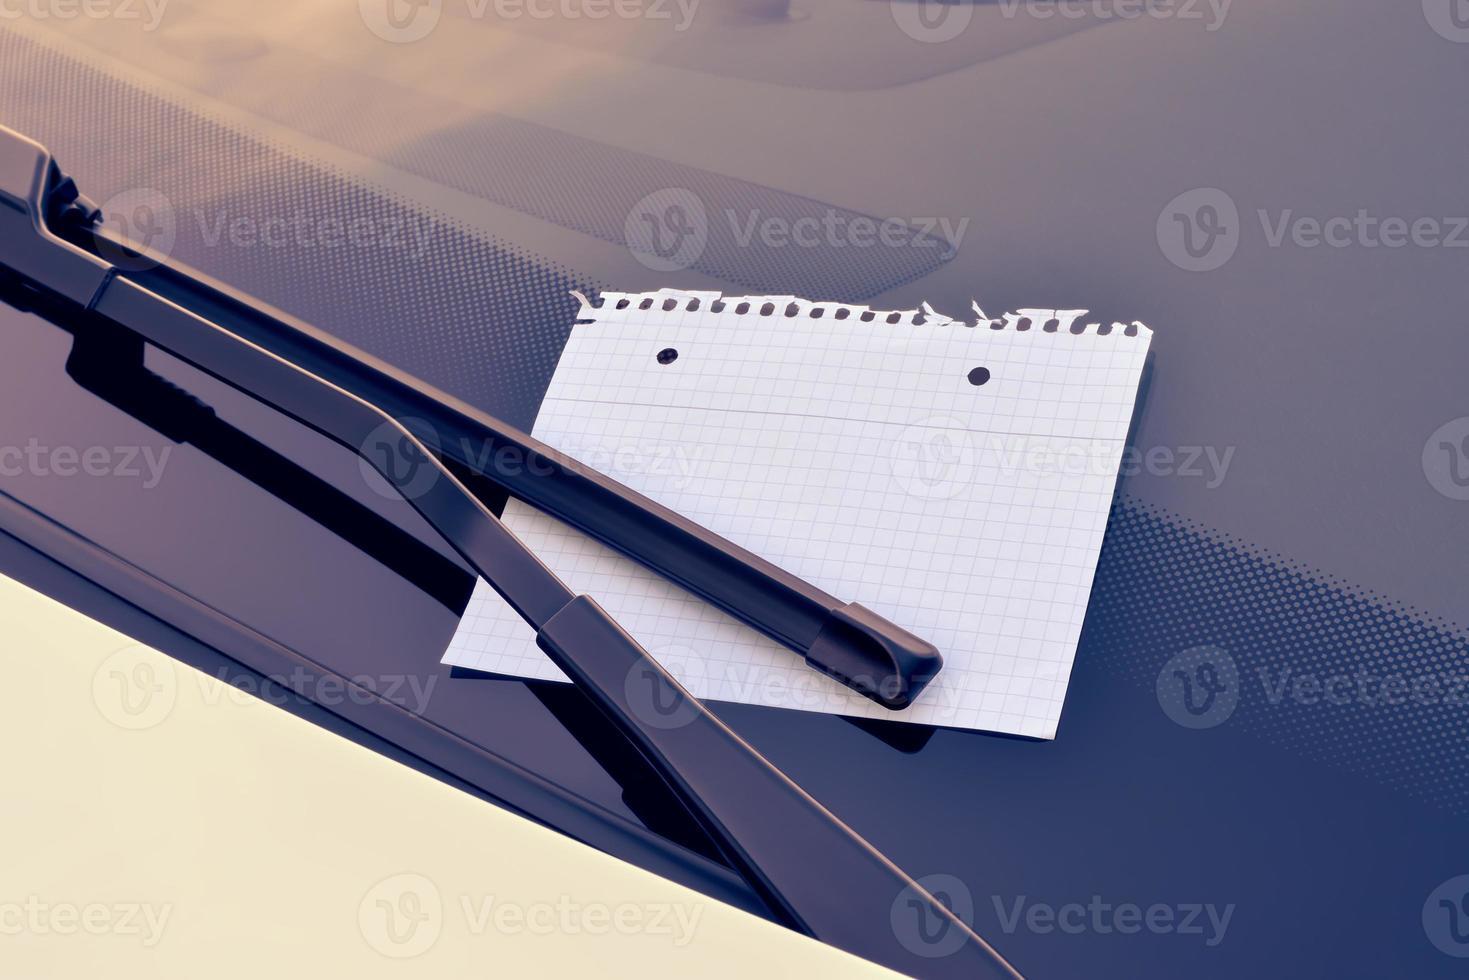 feuille de papier sous un essuie-glace photo